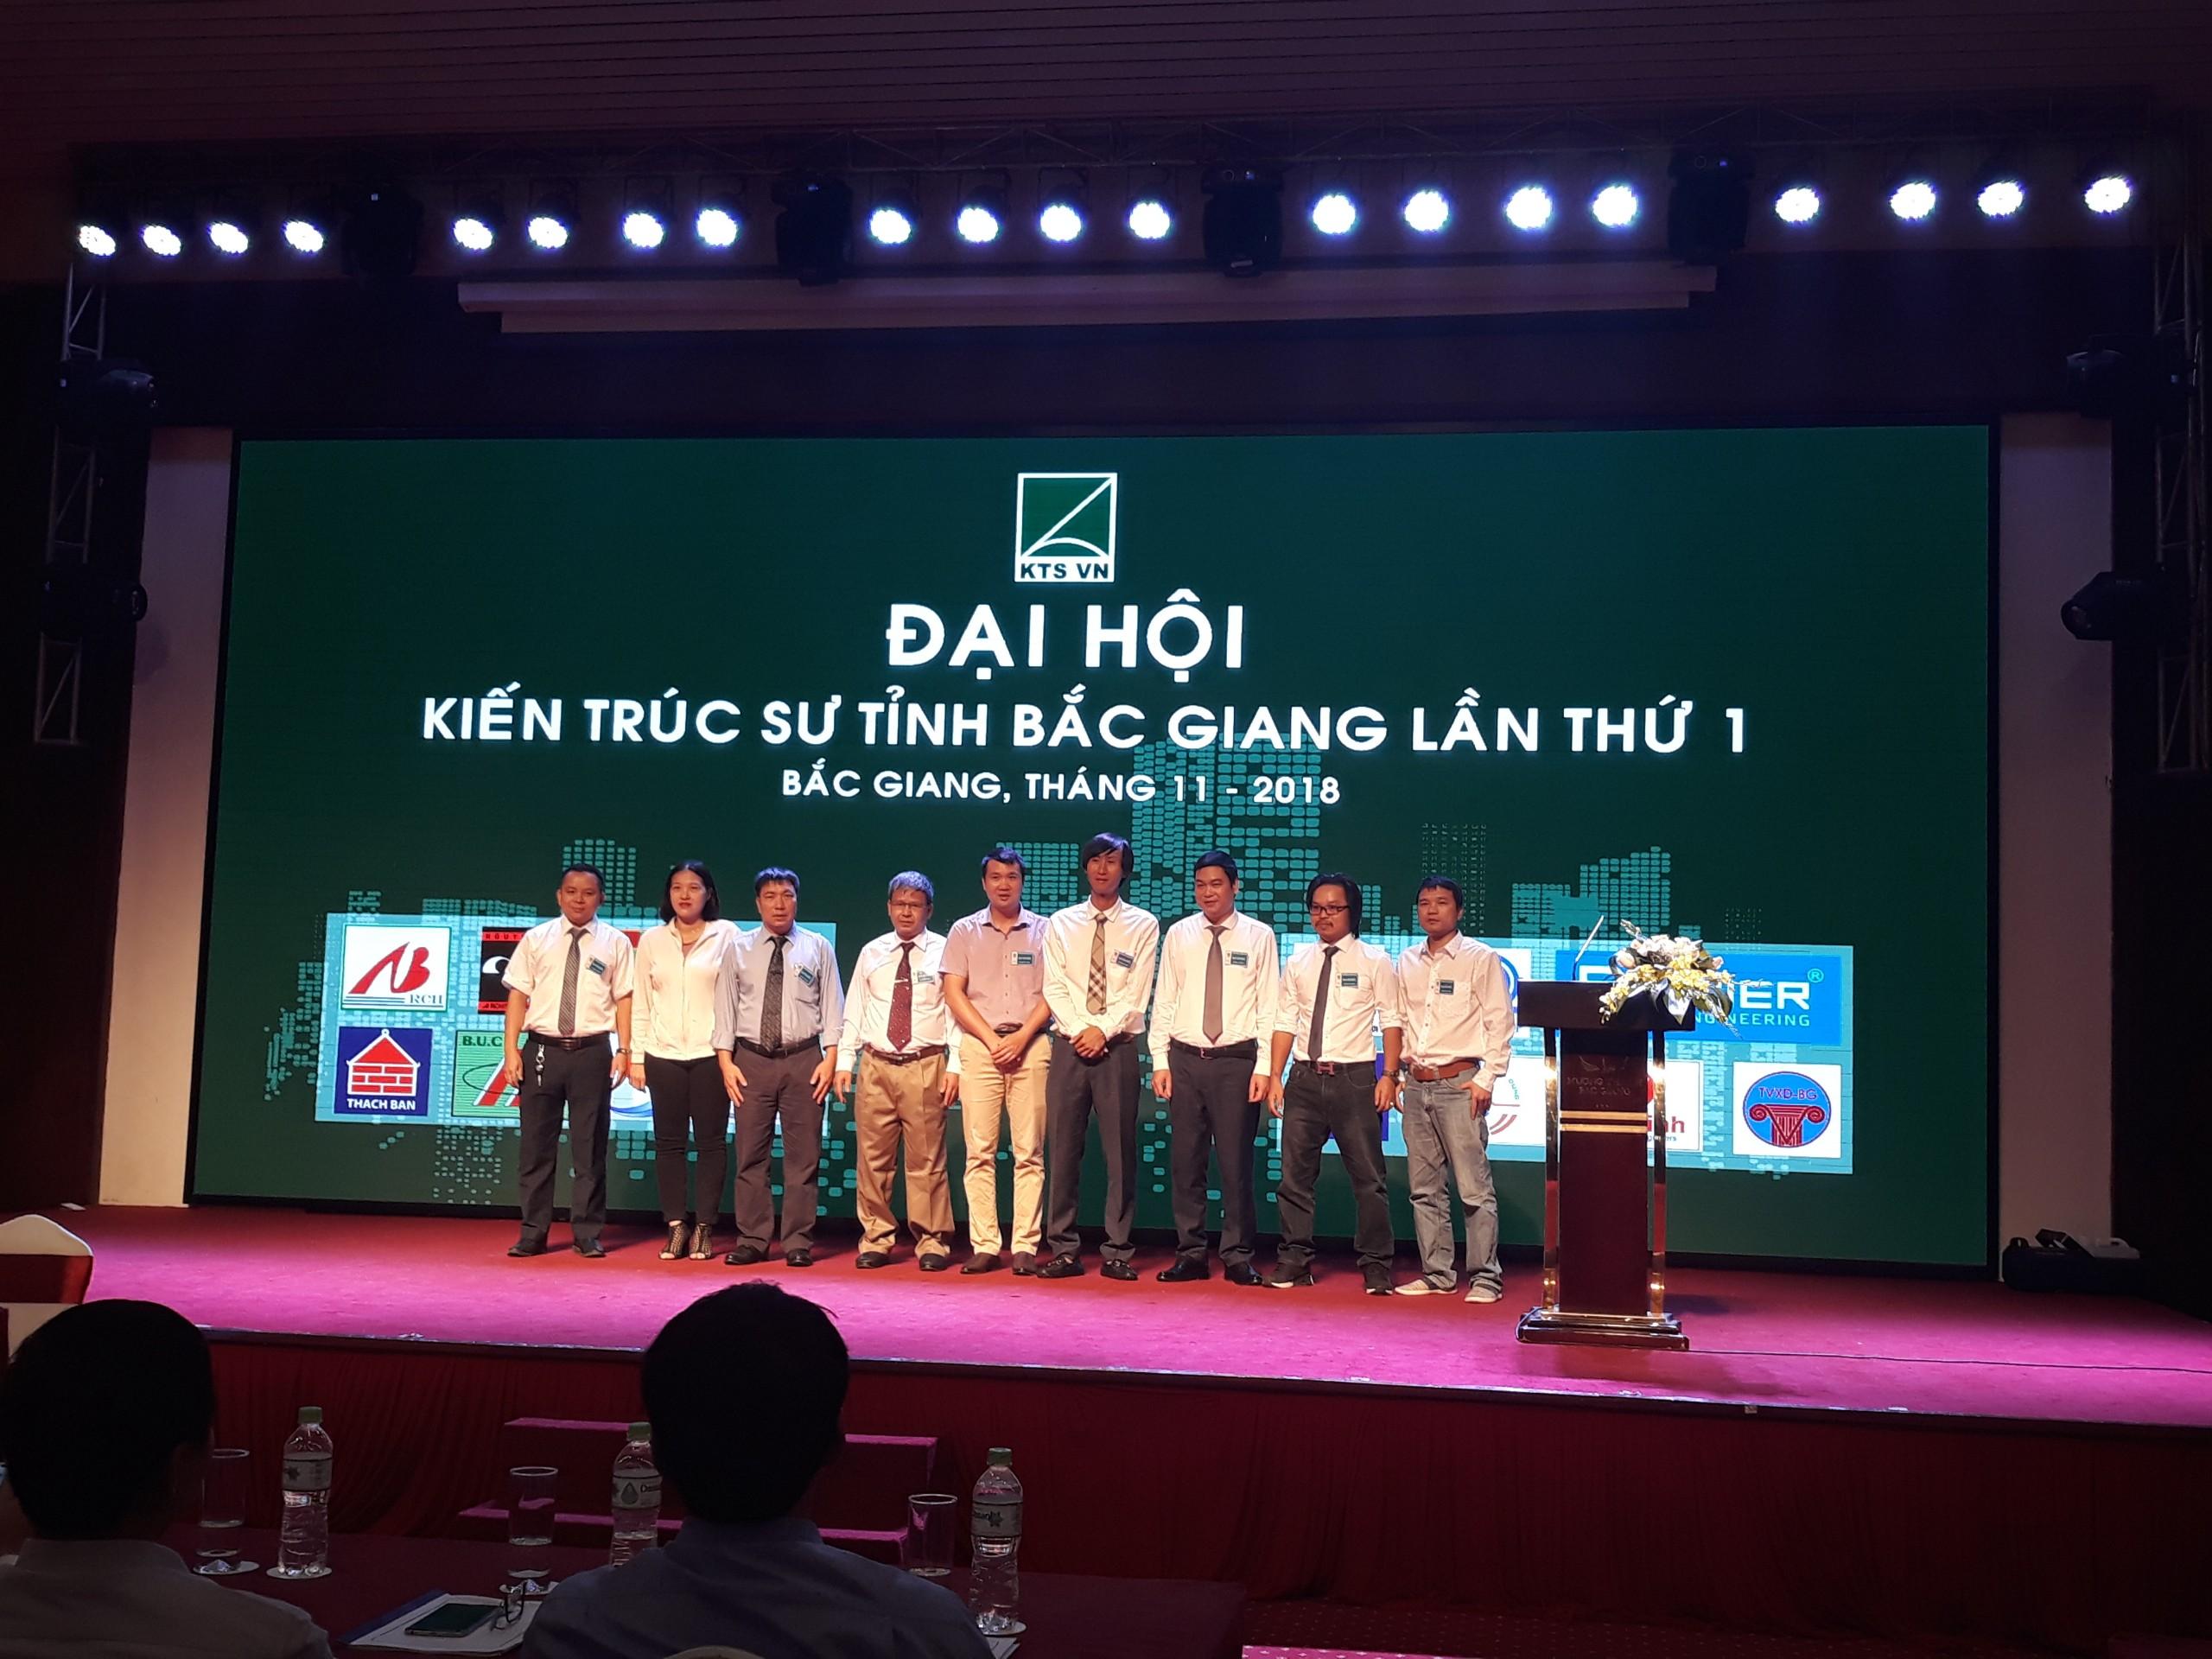 Epower tham dự Đại hội kiến trúc sư tỉnh Bắc Giang Lần thứ 1